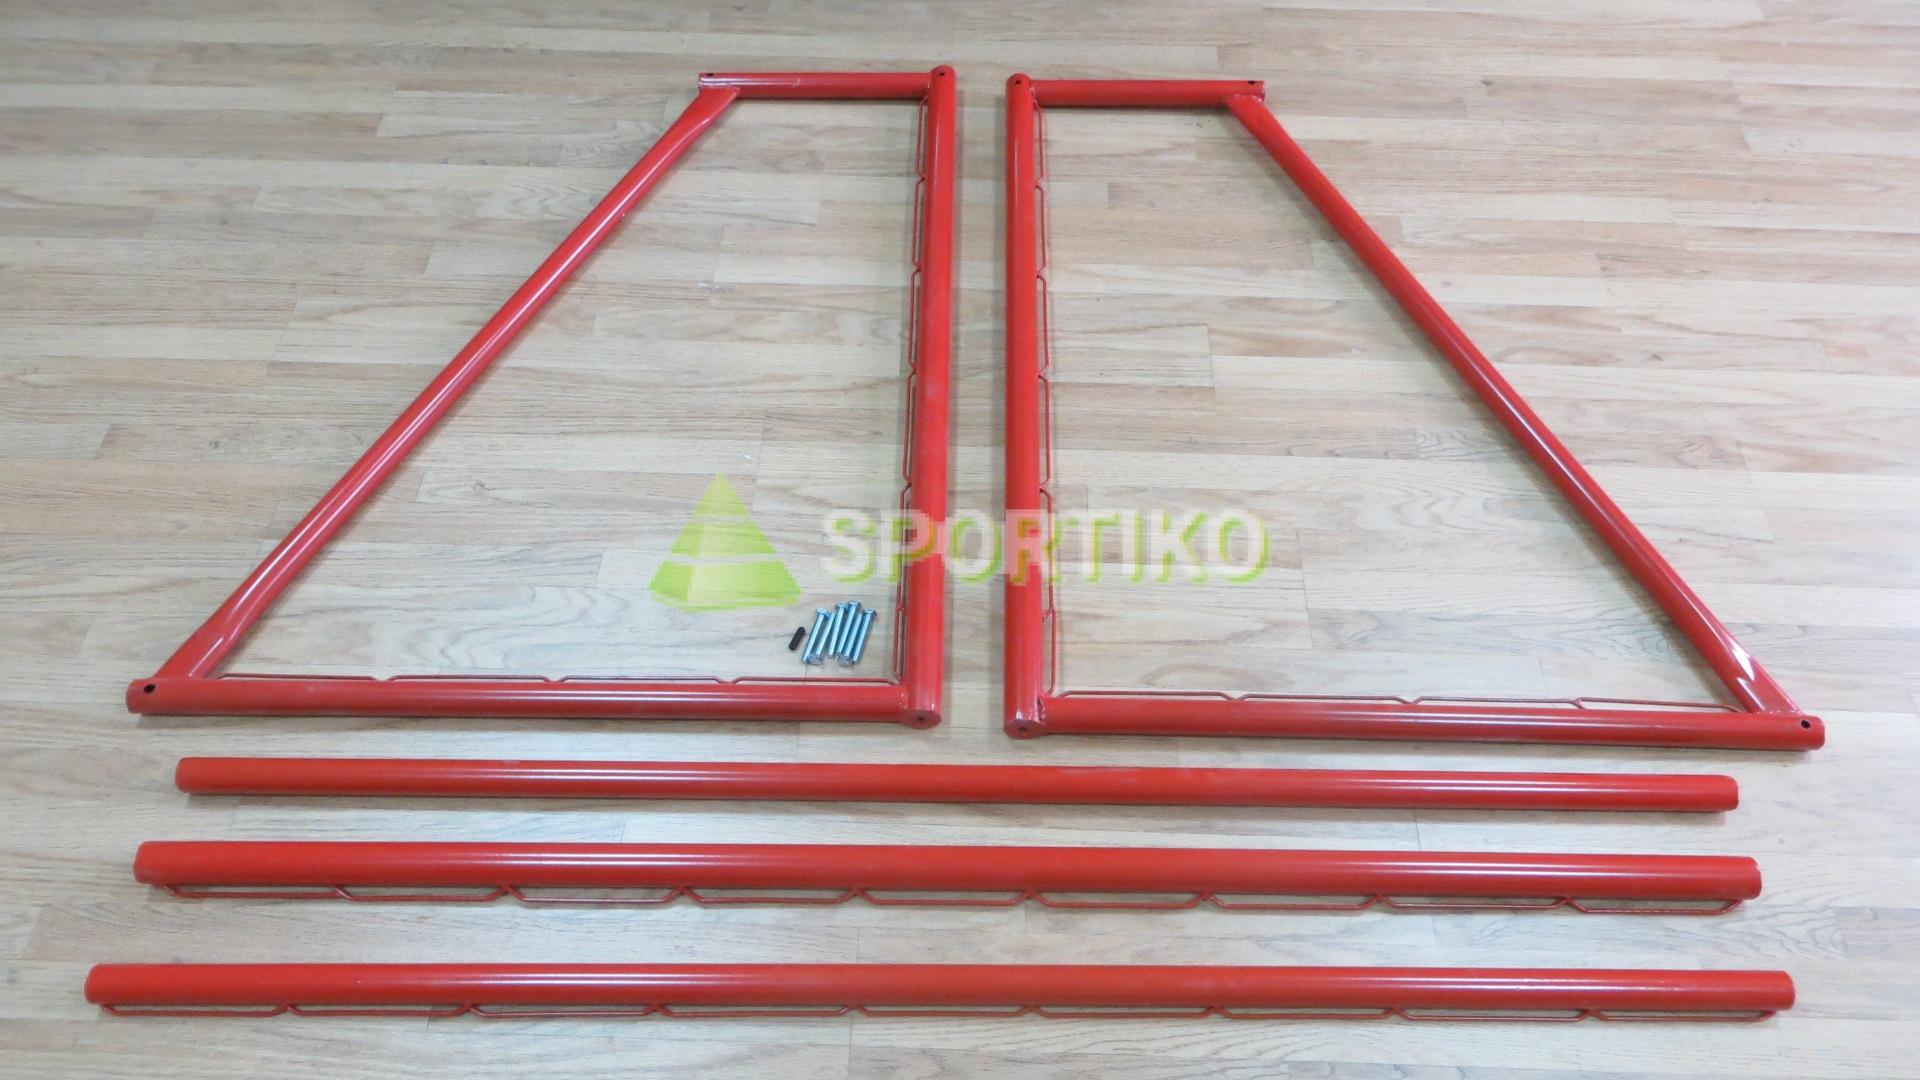 Хоккейные ворота своими руками размеры фото 785